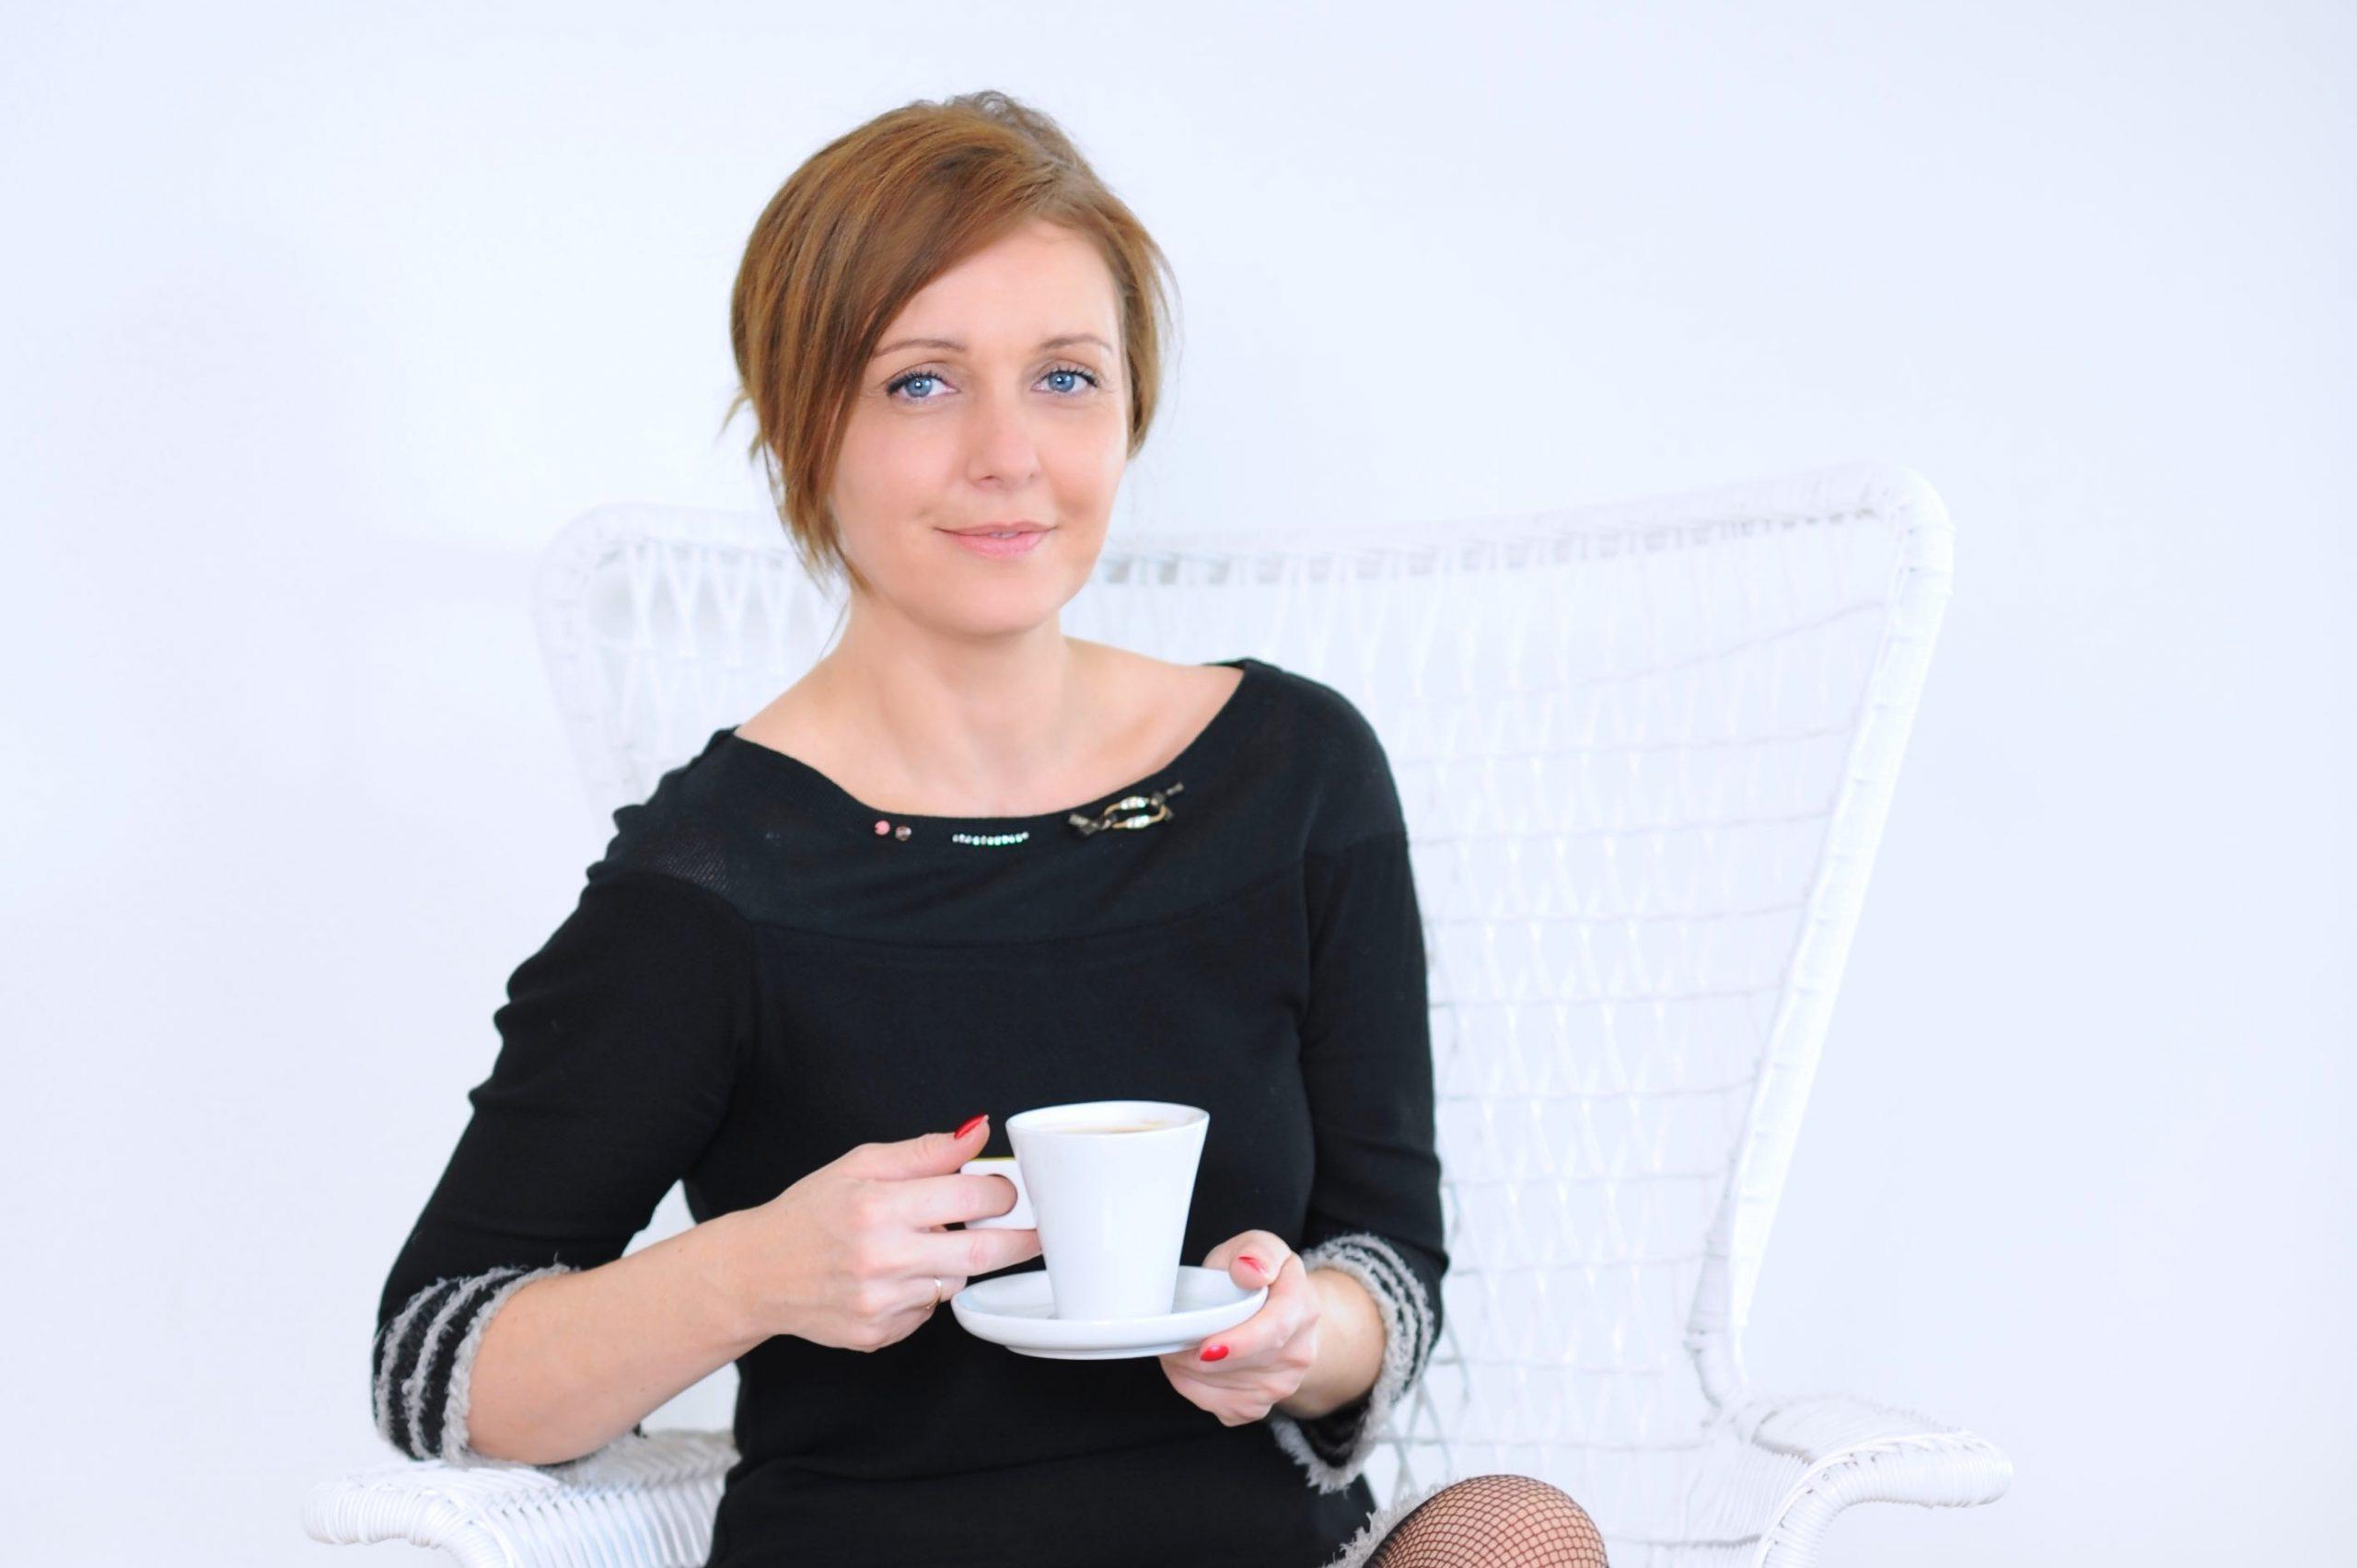 Silvia Skalická